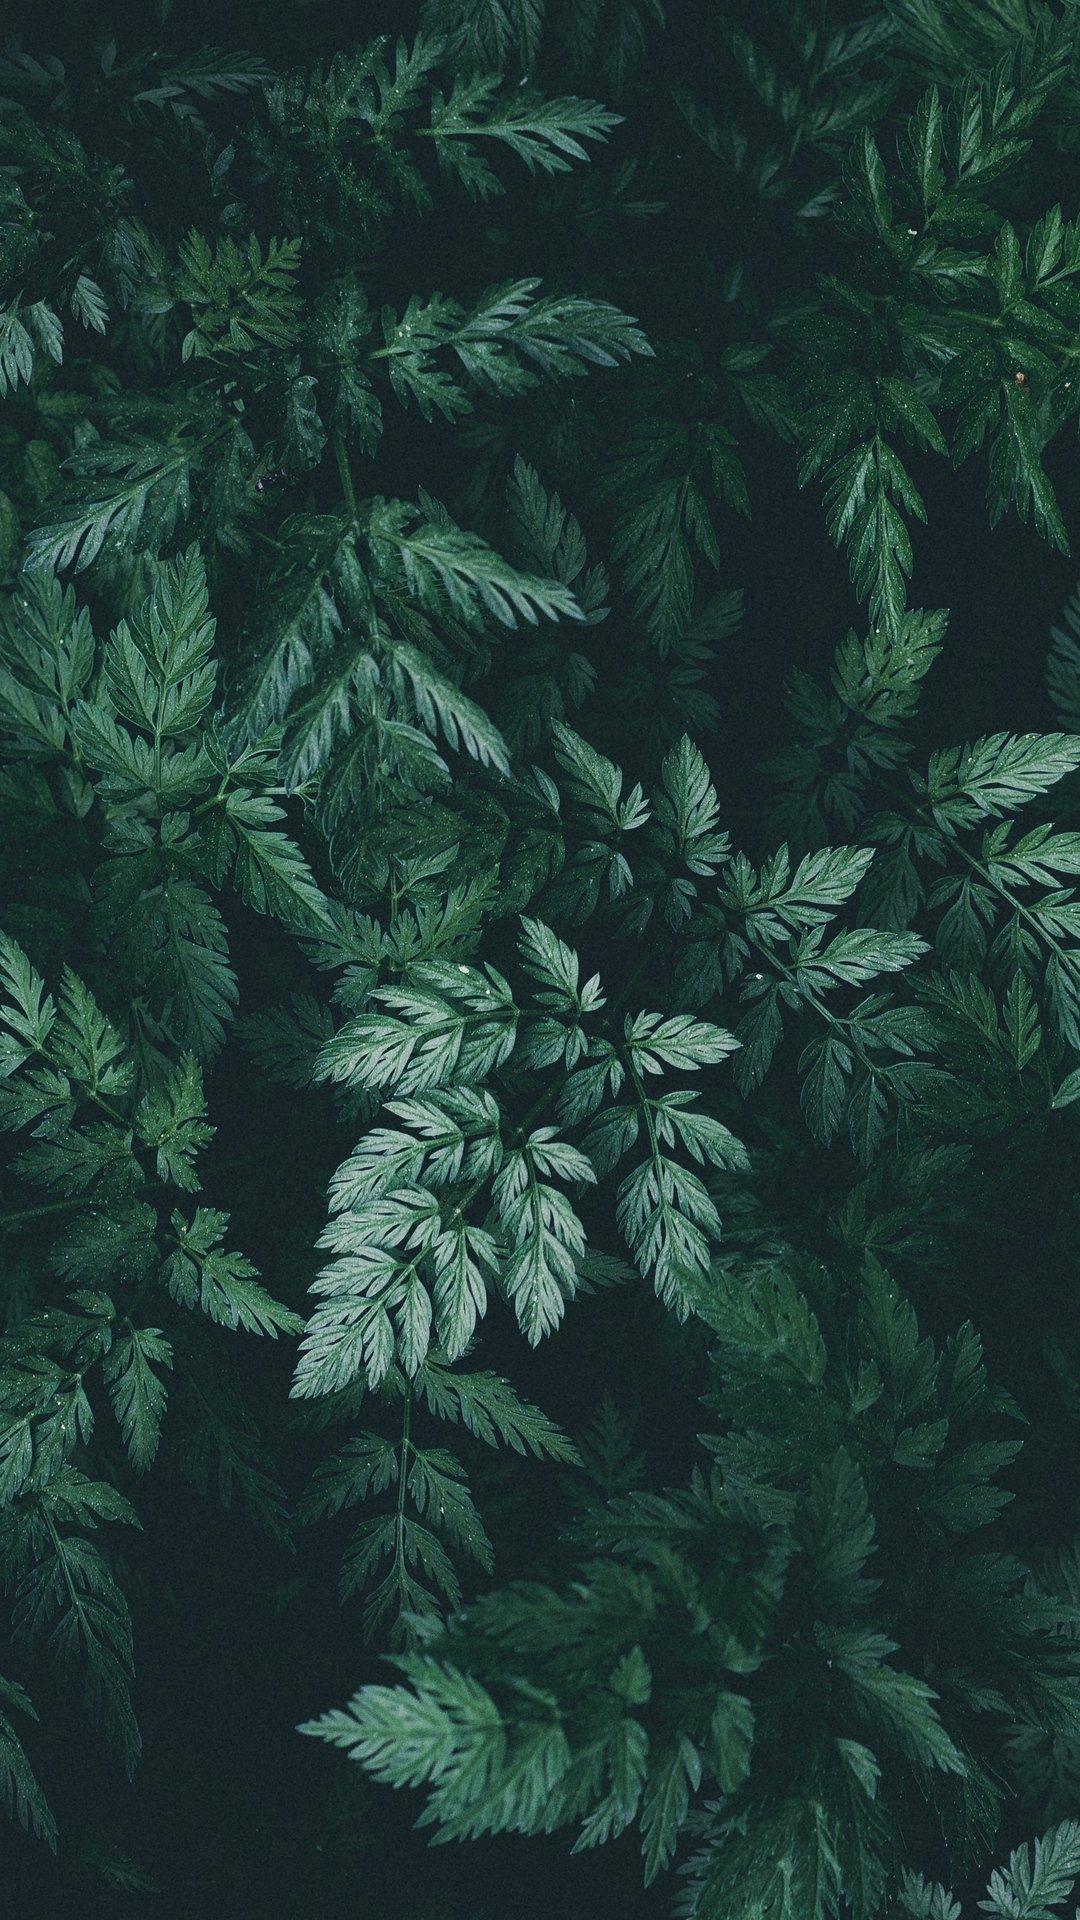 خلفيات ايفون 11 اشجار خضراء روعة Hd مربع